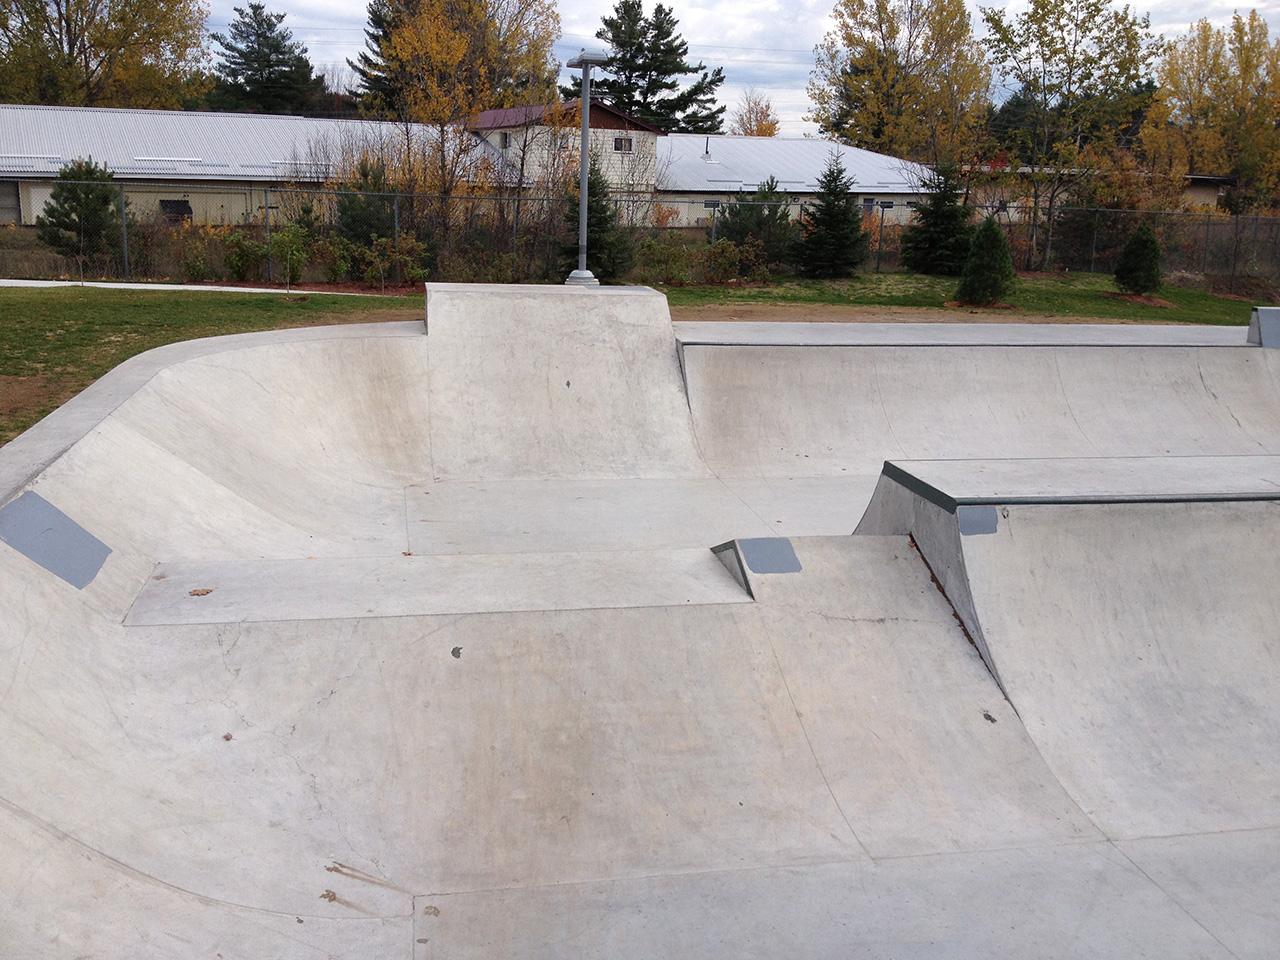 Gravenhurst skatepark